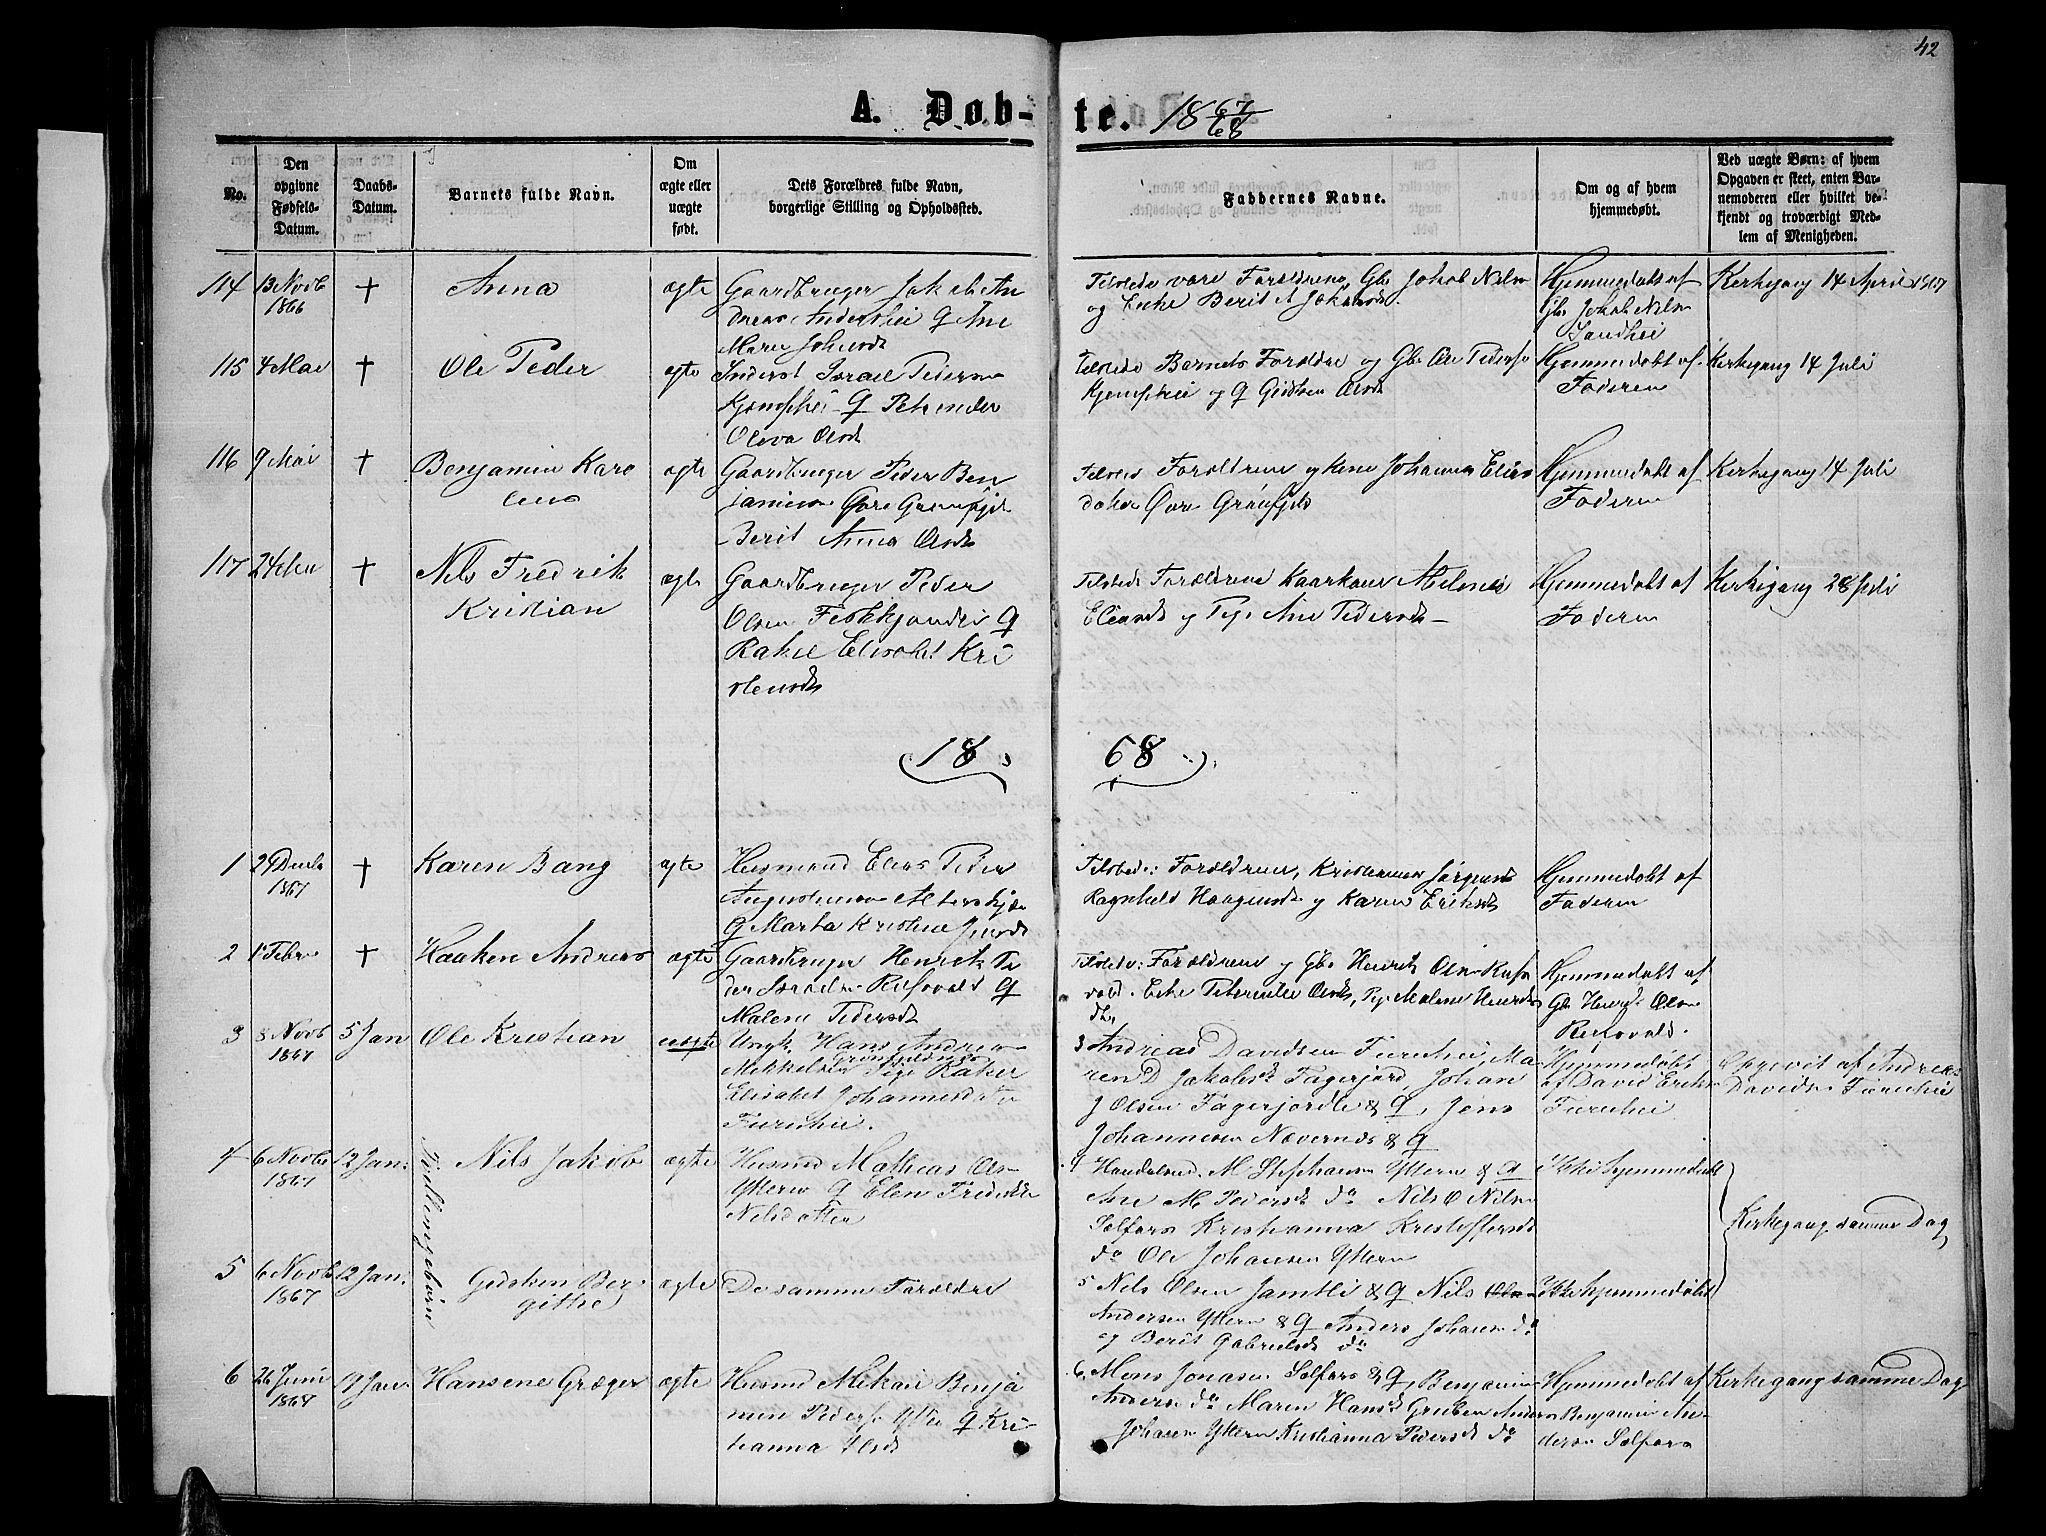 SAT, Ministerialprotokoller, klokkerbøker og fødselsregistre - Nordland, 827/L0415: Parish register (copy) no. 827C04, 1864-1886, p. 42